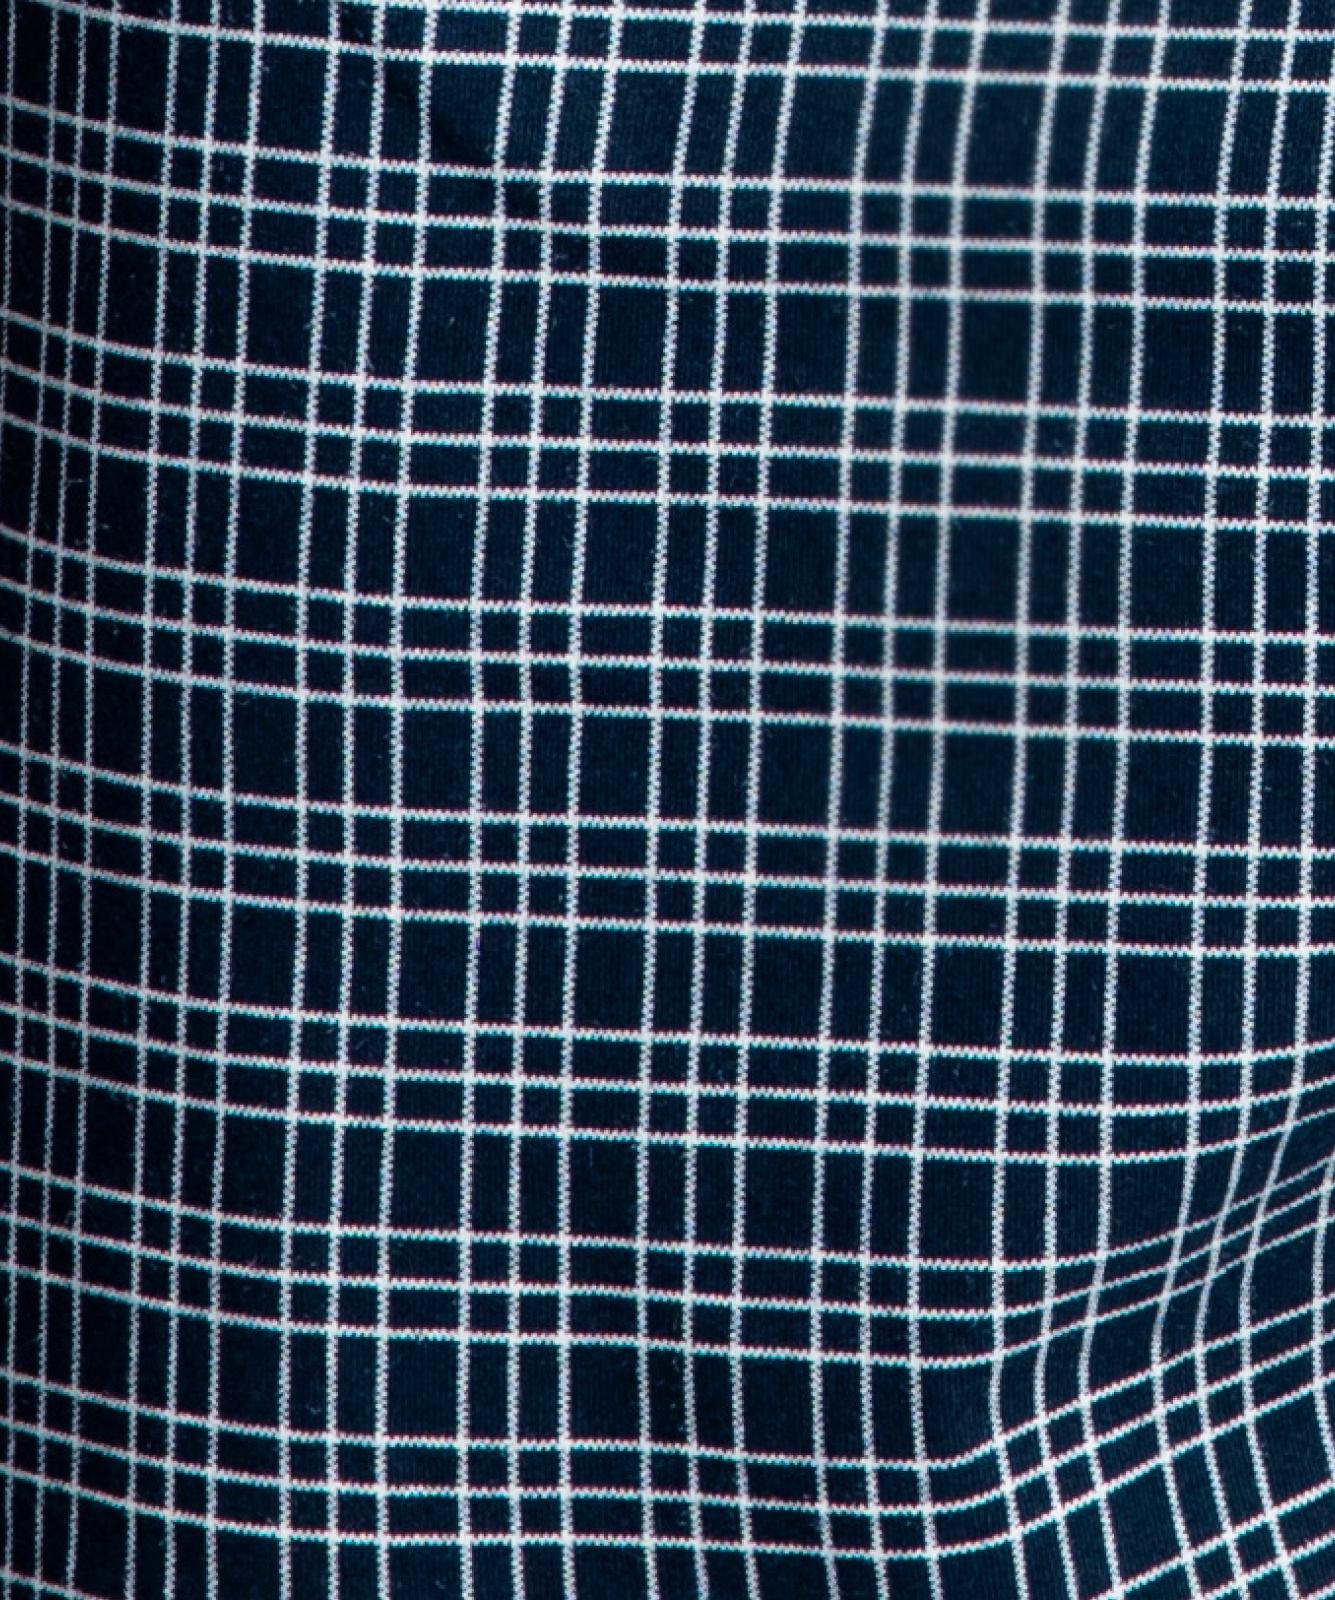 Мужские трусы боксеры Atlantic, набор из 2 шт., хлопок, серые + темно-синие, 2MBX-007